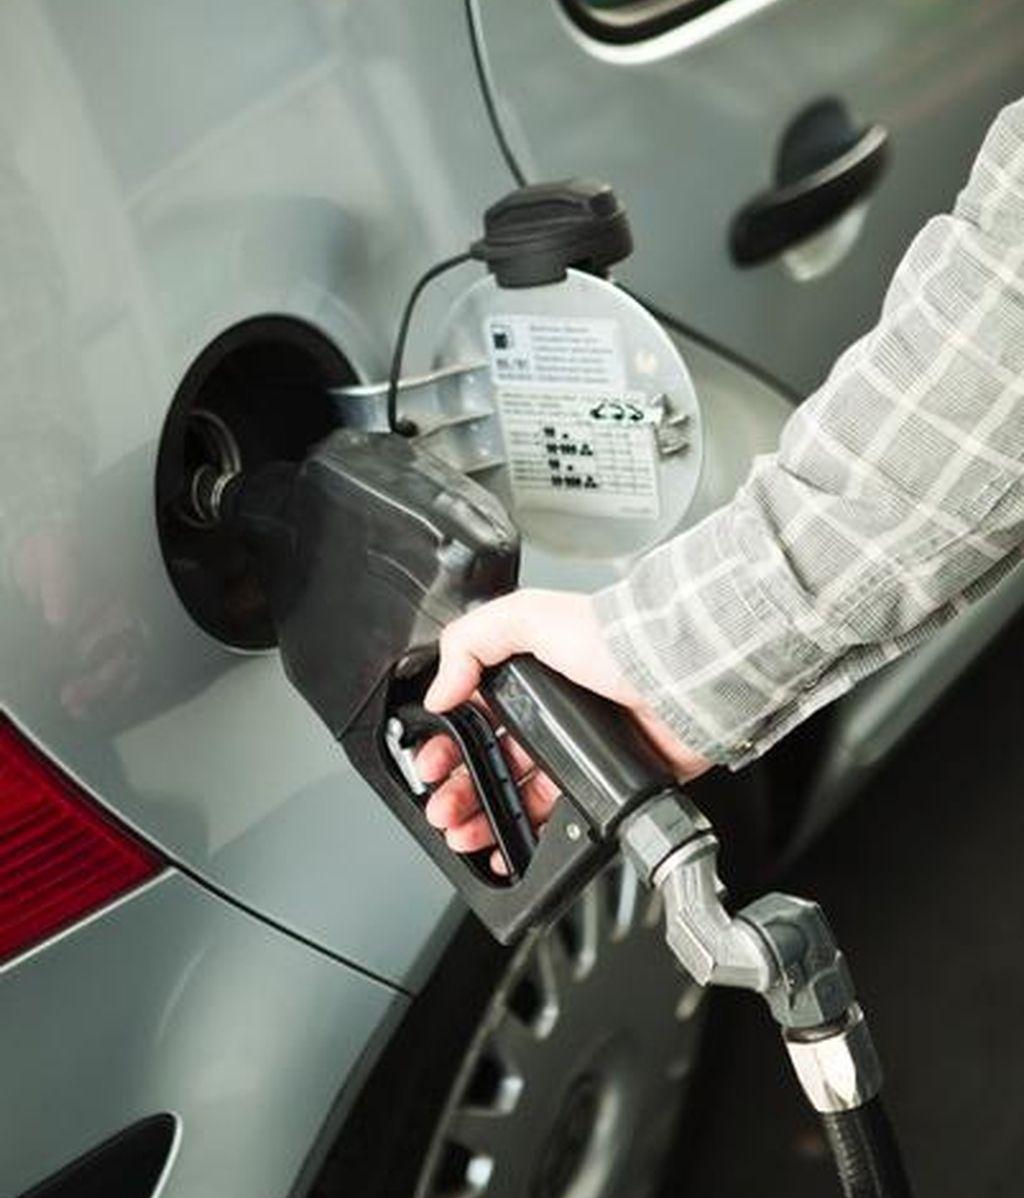 Una persona echando gasolina